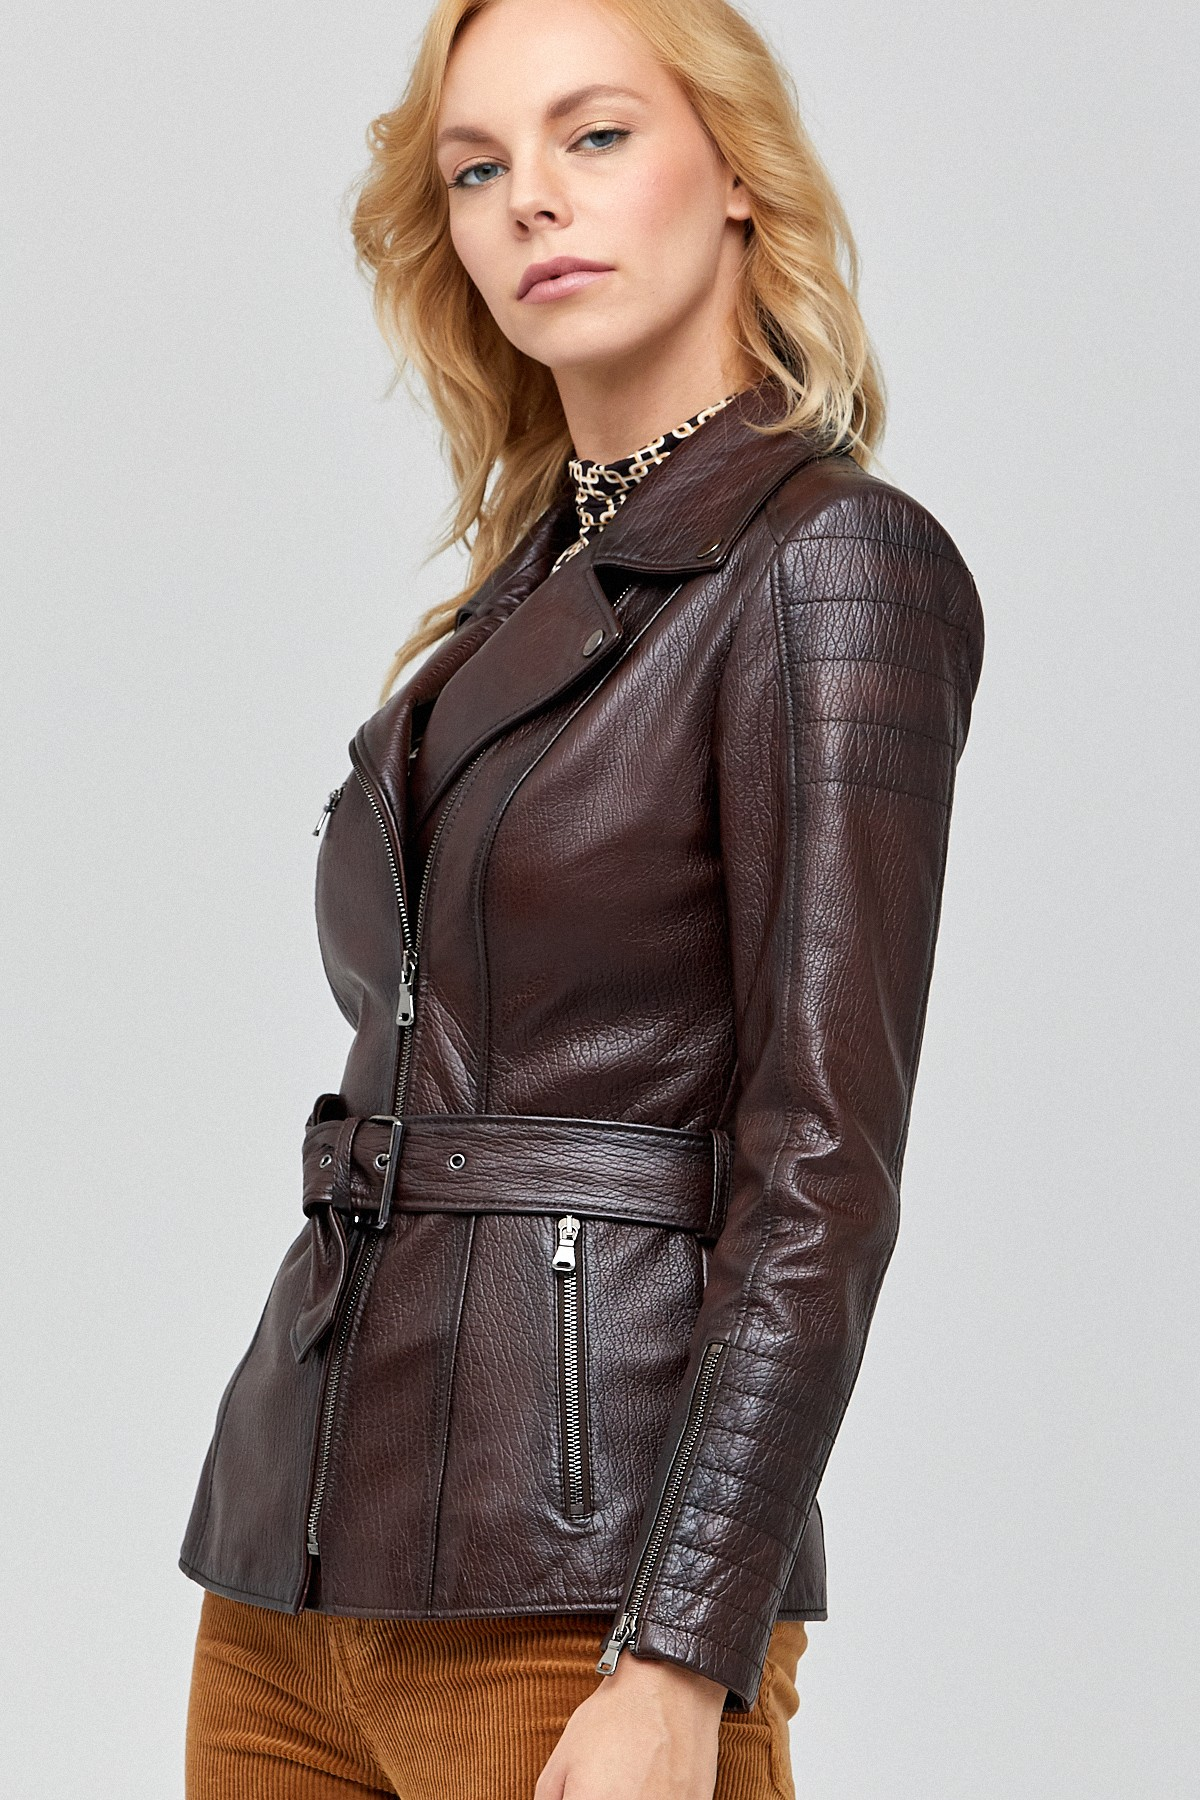 Belstaff Women's Leather Jacket